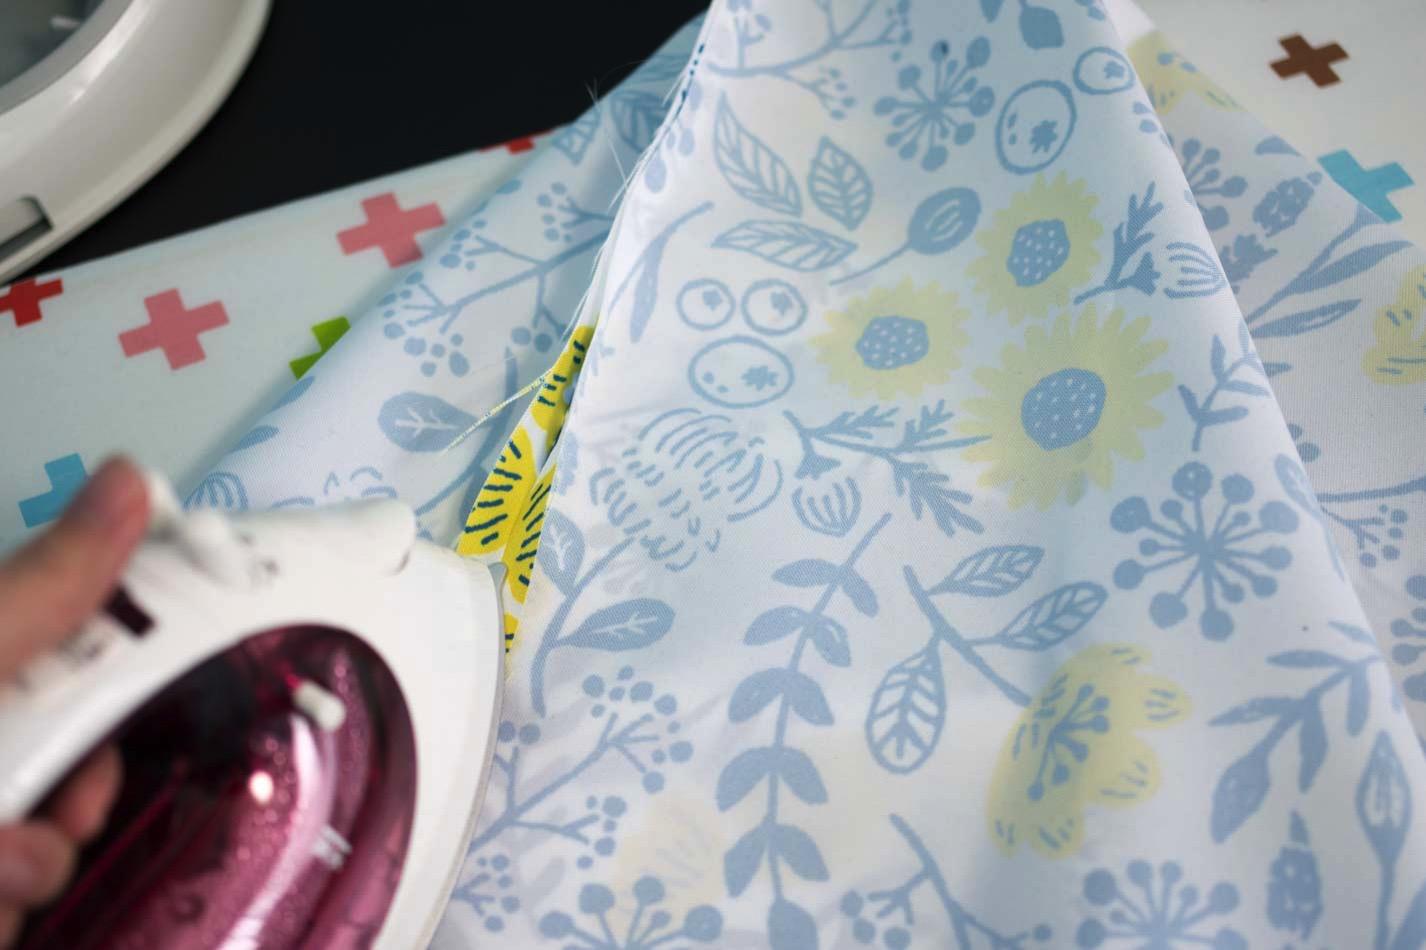 アイロンで縫い代を割る